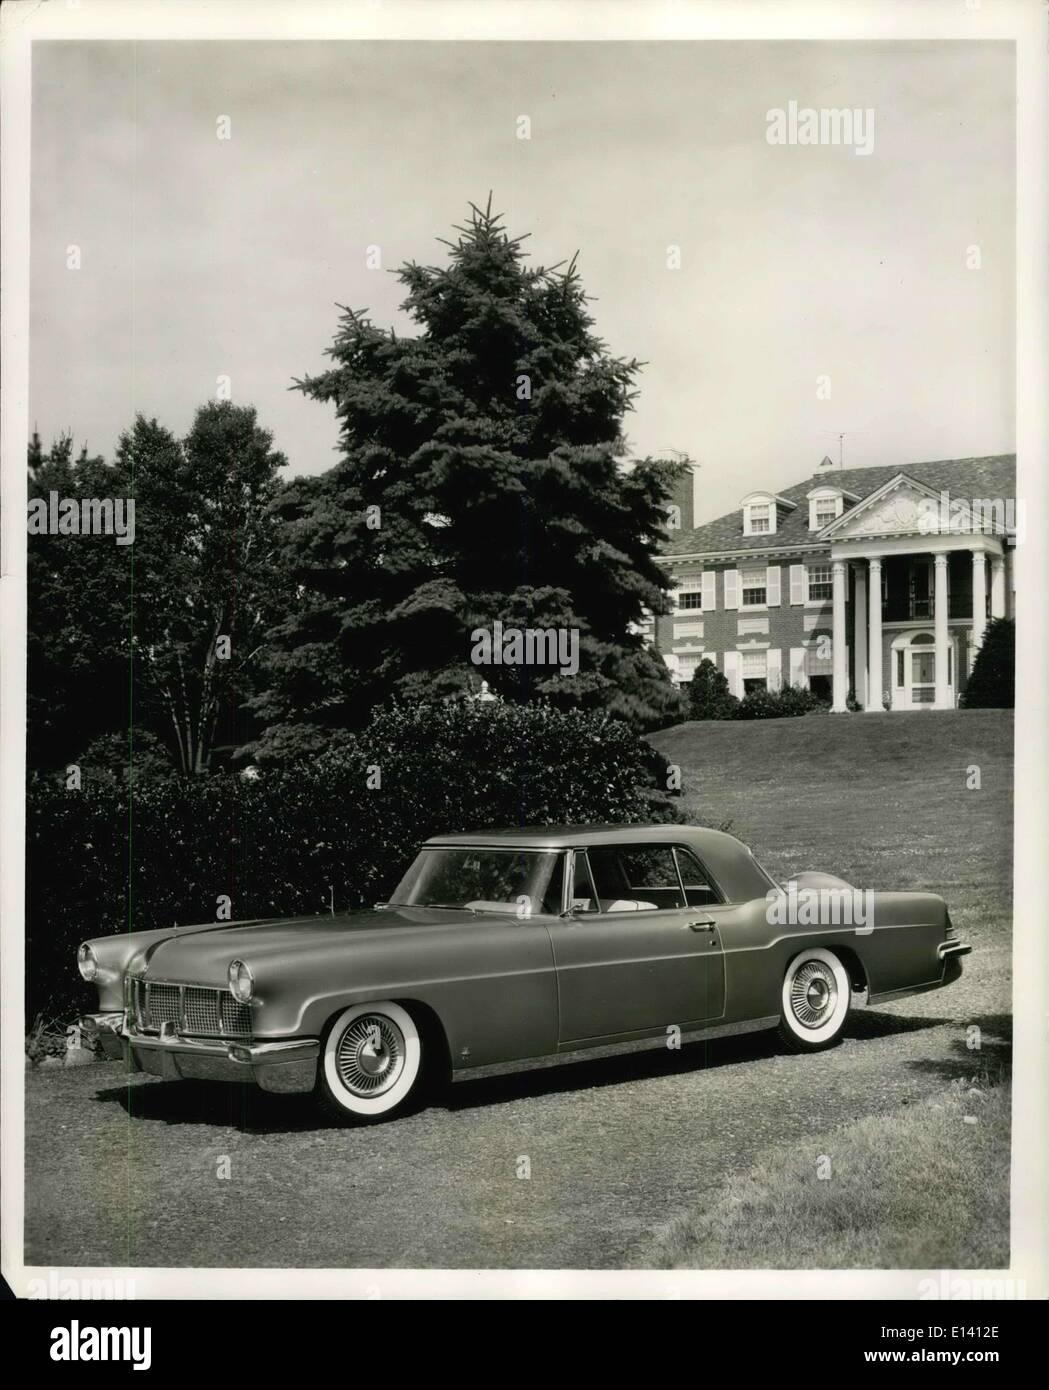 31. März 2012 - behält The Continental Mark II für das Modelljahr 1957 die Besonderheiten, die die automobile Welt aufgeregt, wenn das Auto zum ersten Mal im Oktober 1955 wurde. Eine Prestige-Automobil von Ford Motor Company, der Continental Mark II in geringen Mengen produziert wird durch einen neuen Motor mit einem Verdichtungsverhältnis von 10: 1 angetrieben. Weitere technischen Verbesserungen für das Modelljahr 1957 gehören Getriebe Veränderungen. der Zusatz von eine neue hohe Luft-Strömung-Vergaser und Verlagerung von der Raumluftansaugung. Stockbild